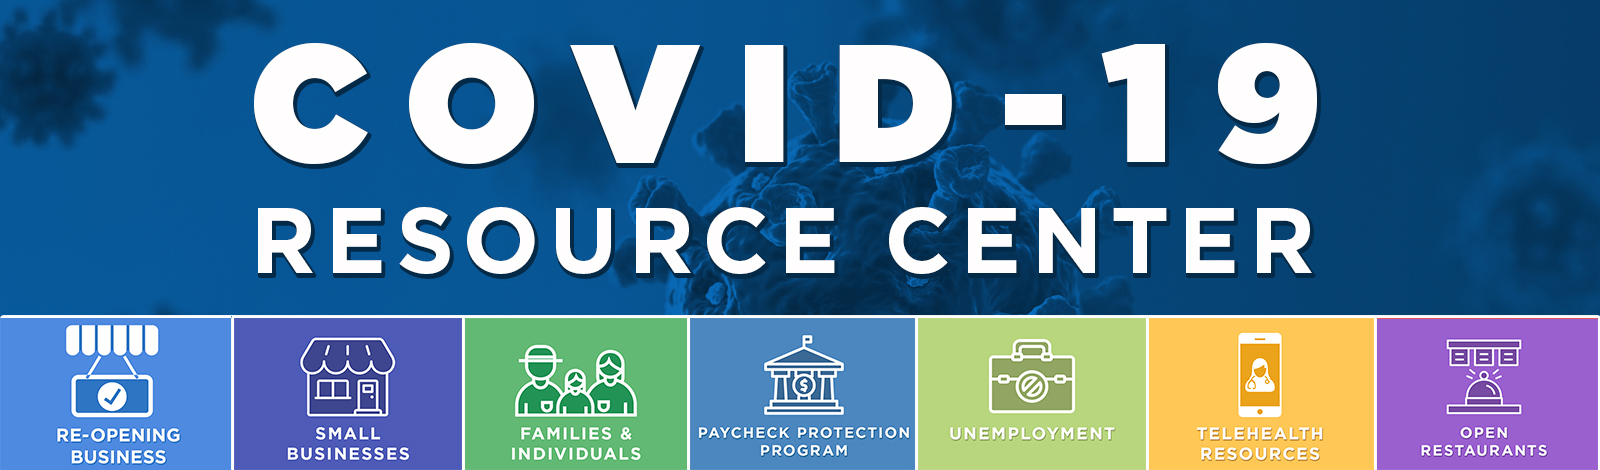 Covid web banner 2020 copy